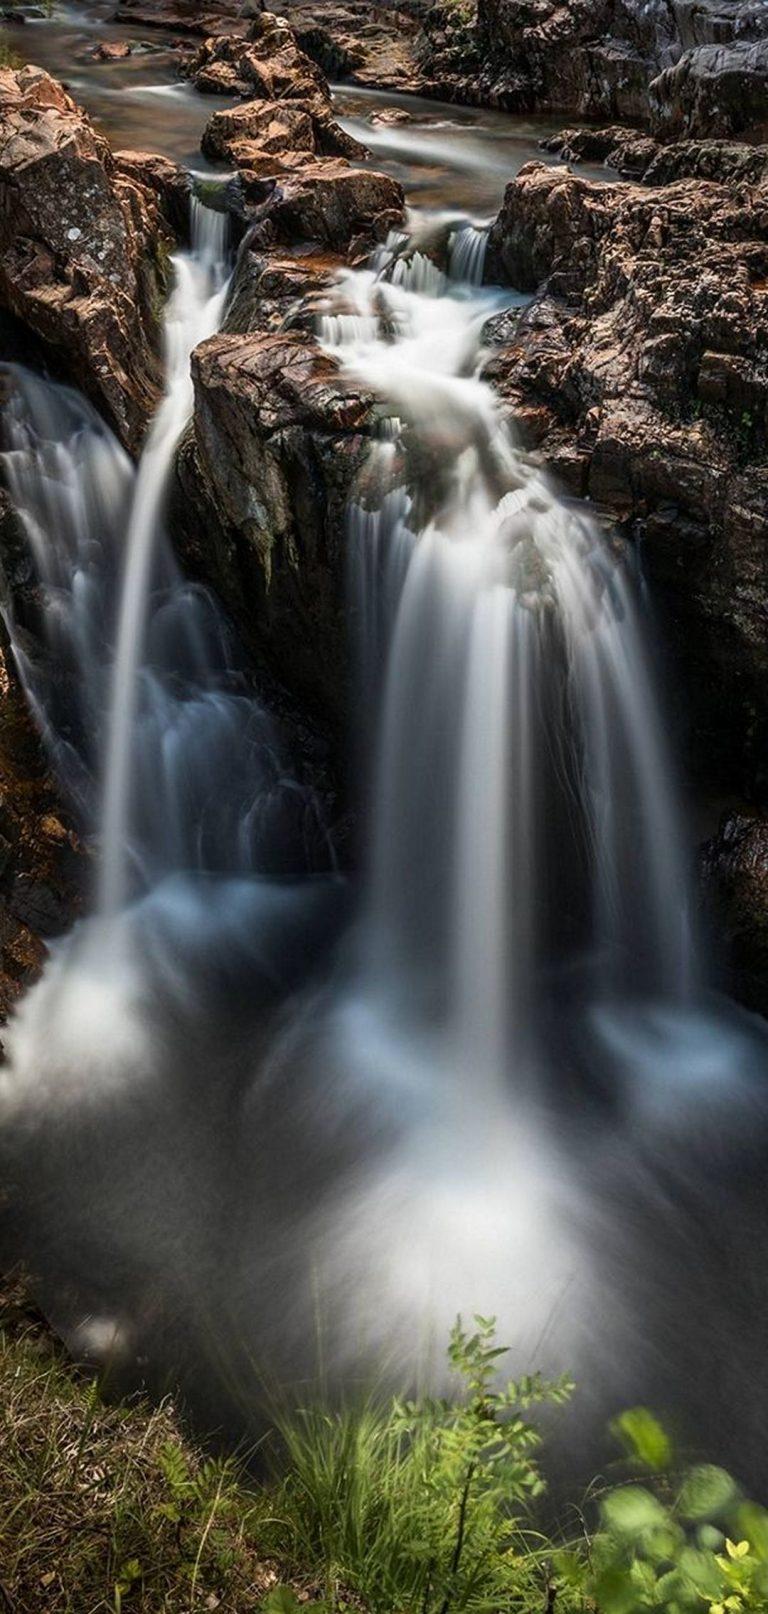 Nature Waterfall Breakage 1080x2270 768x1614